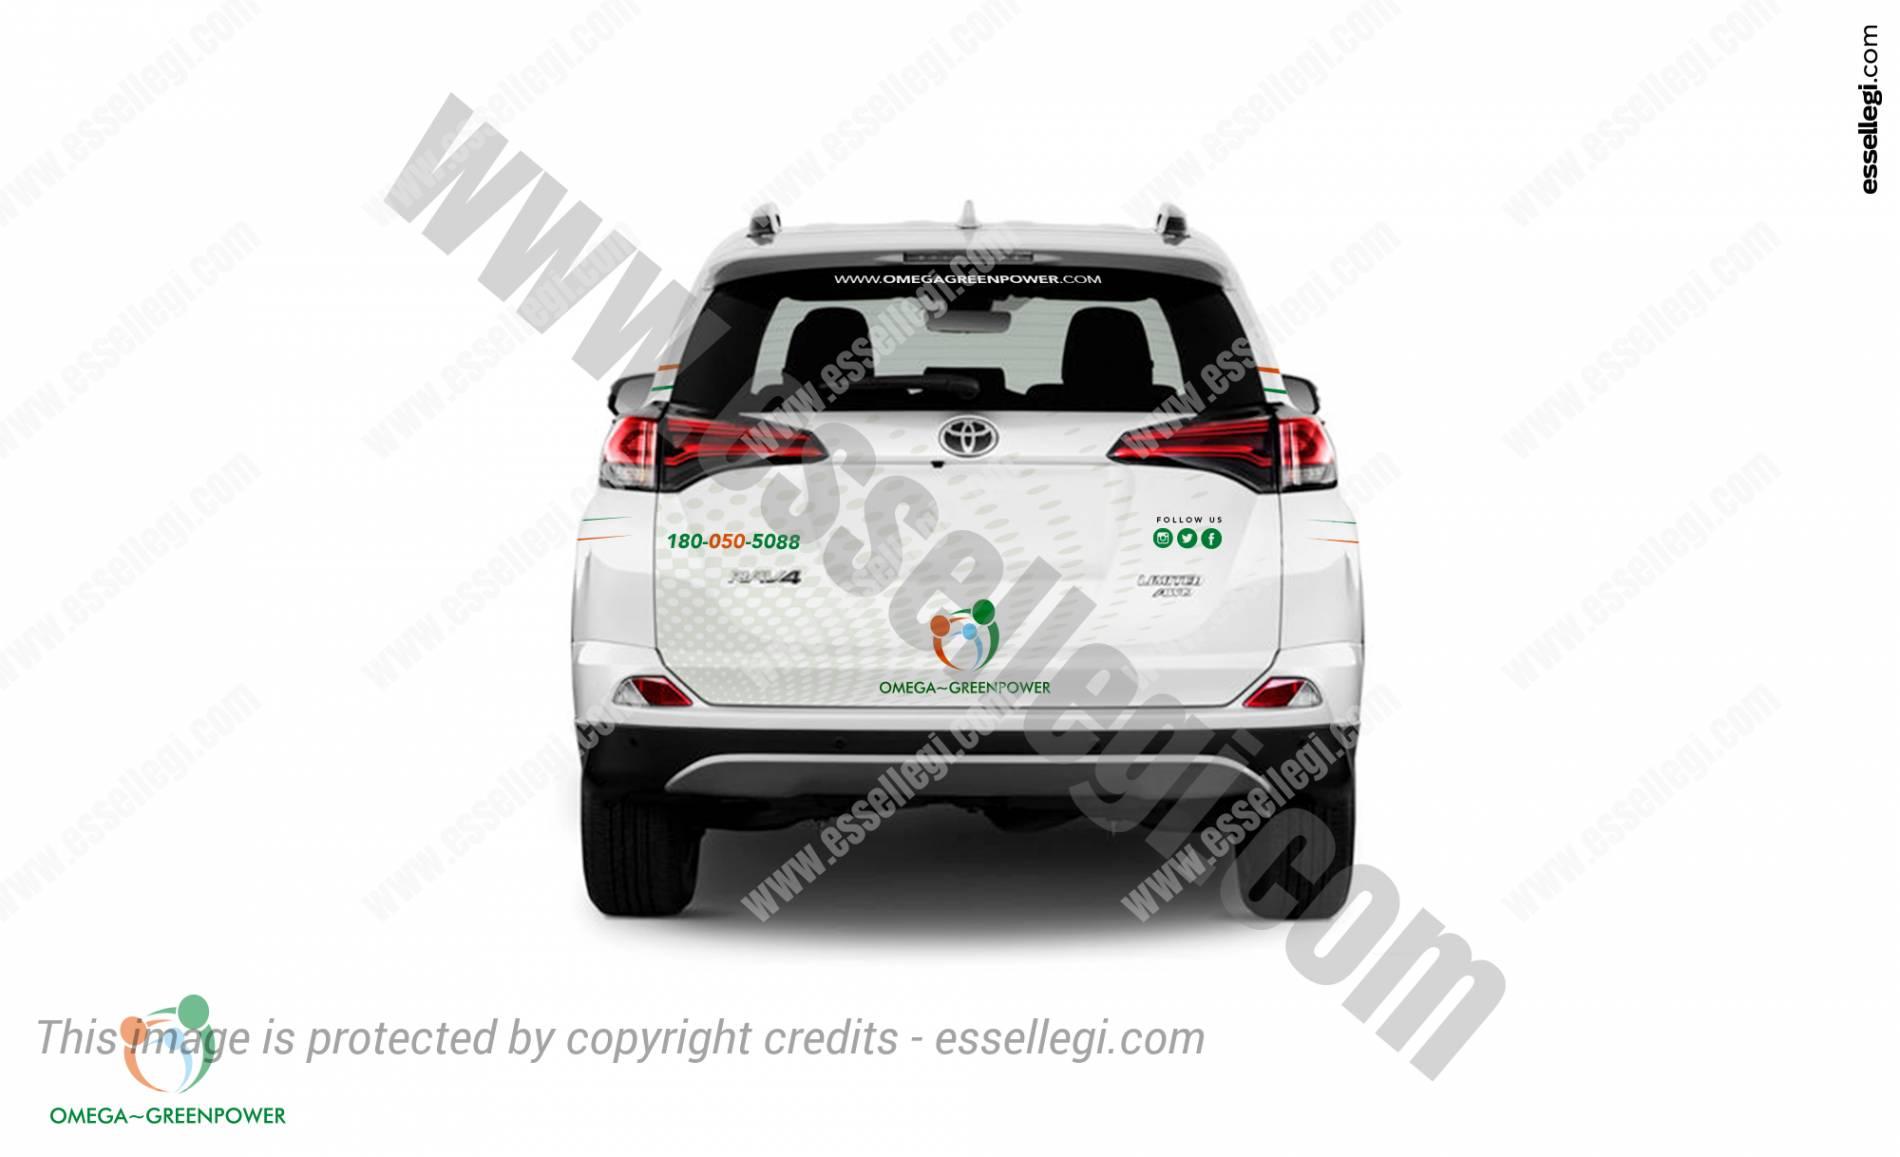 Toyota Rav4 Car Wrap Design By Essellegi